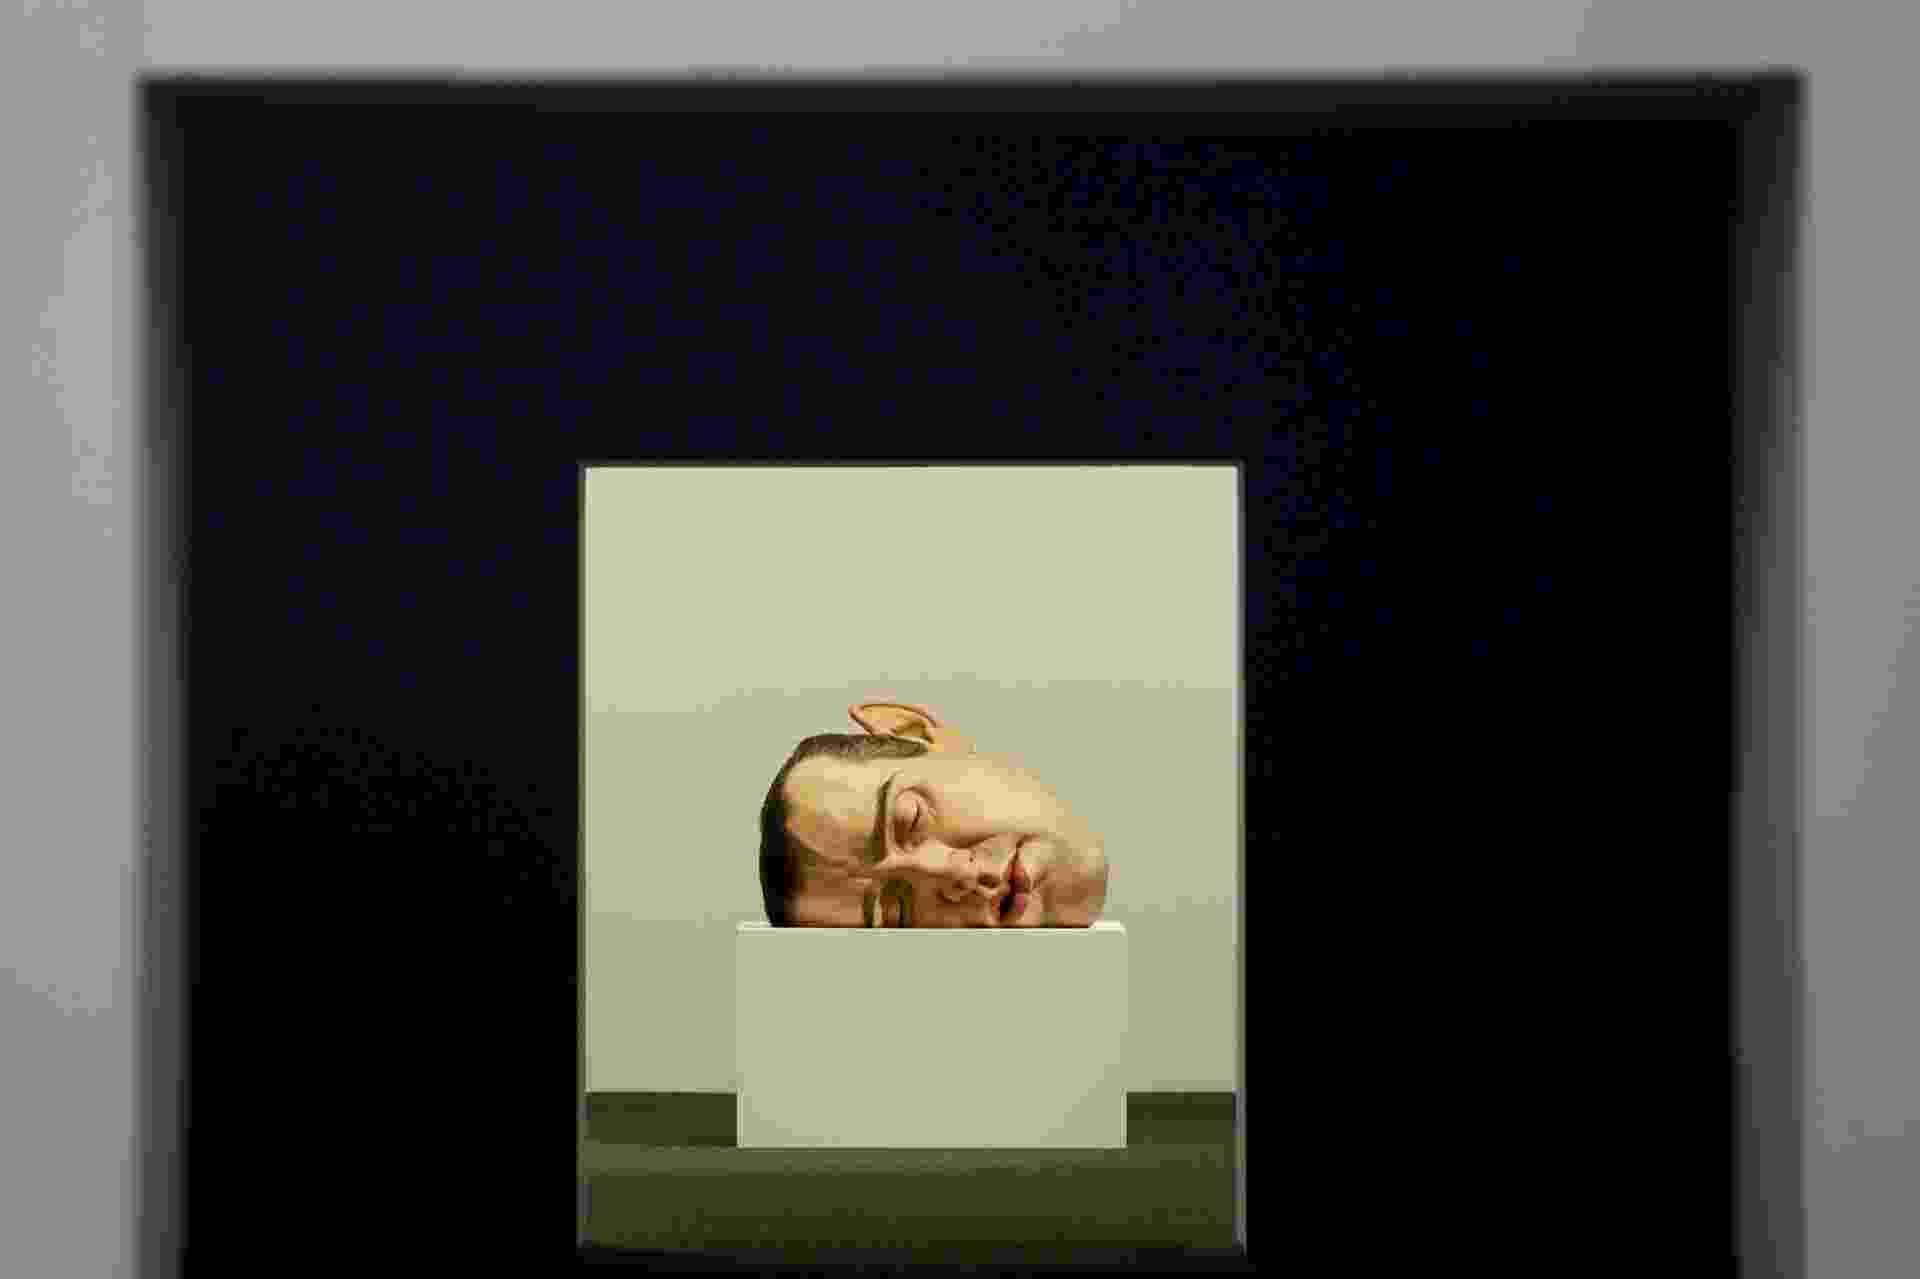 Obra da exposição de Ron Mueck na Pinacoteca de São Paulo - Flávio Florido/UOL